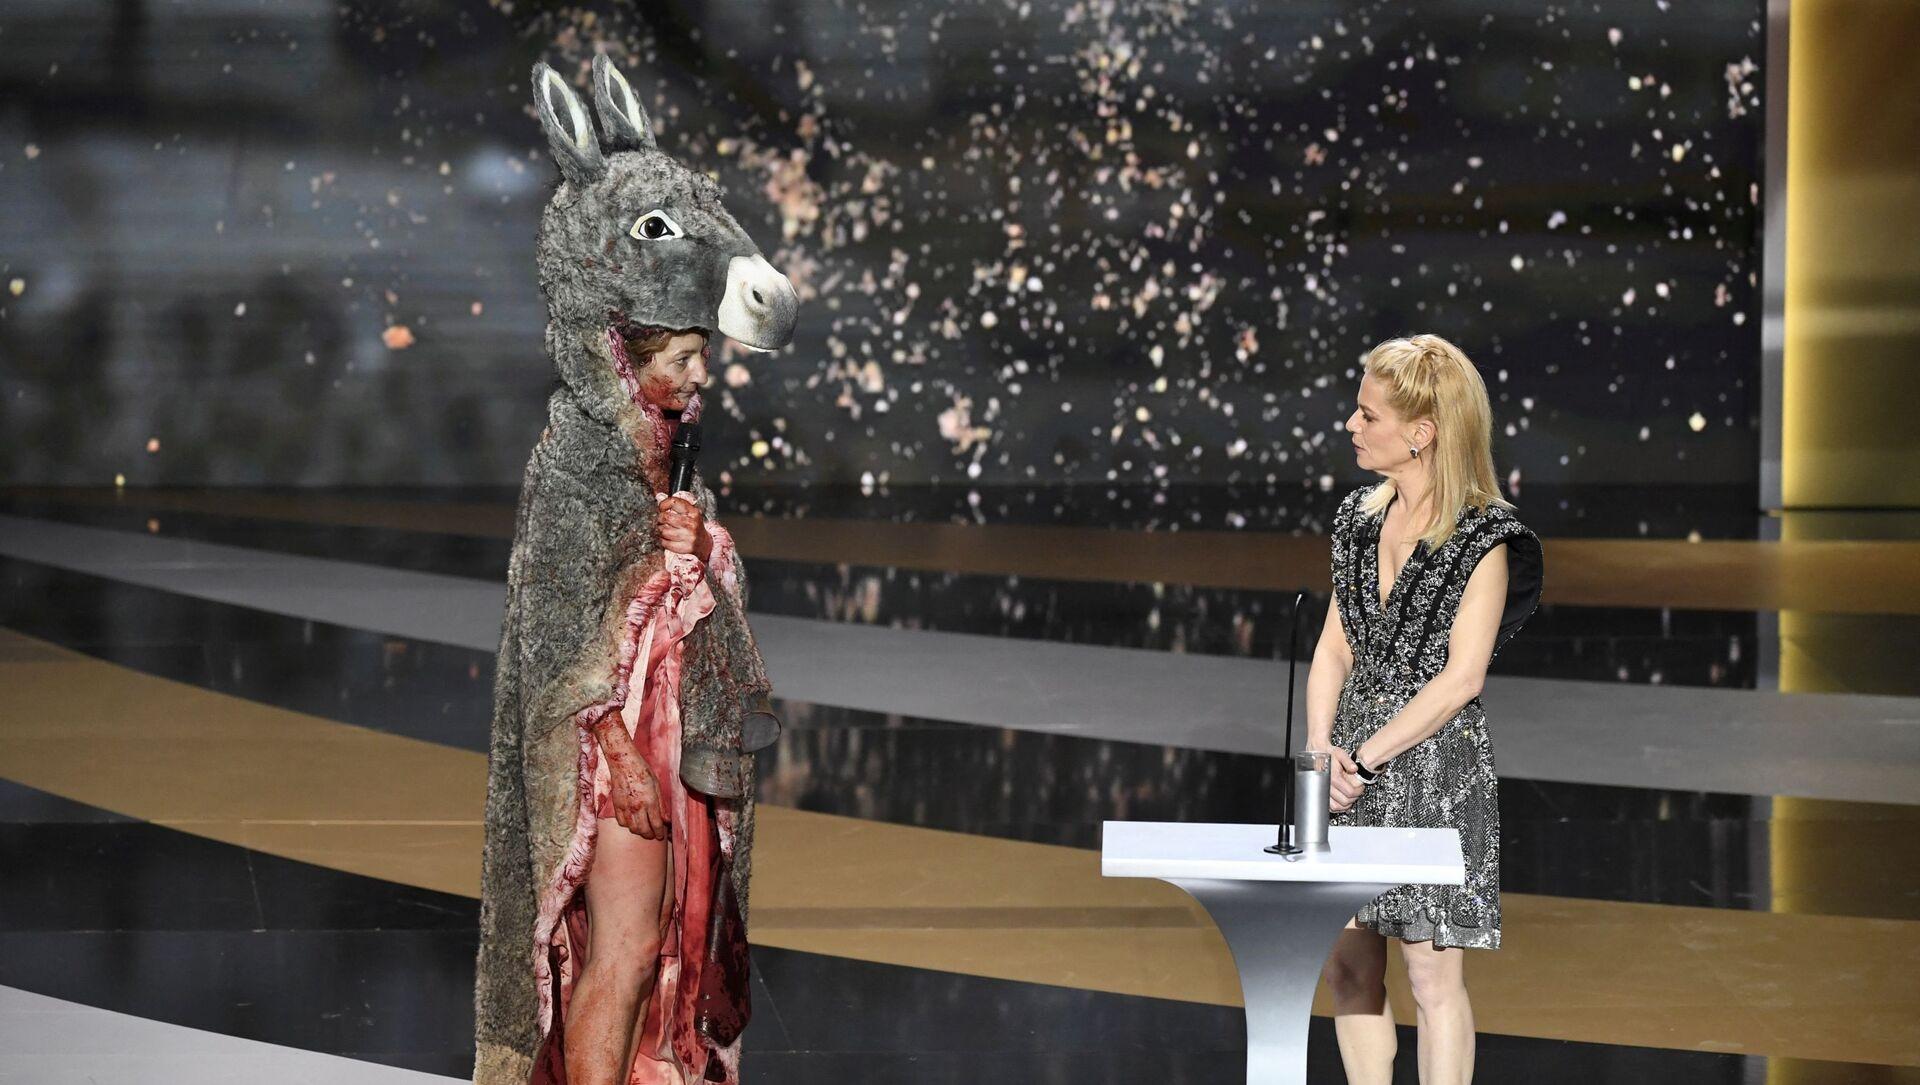 Corinne Masiero sur scène lors de la 46e cérémonie de César à l'Olympia à Paris, le 12 mars 2021 - Sputnik France, 1920, 13.03.2021